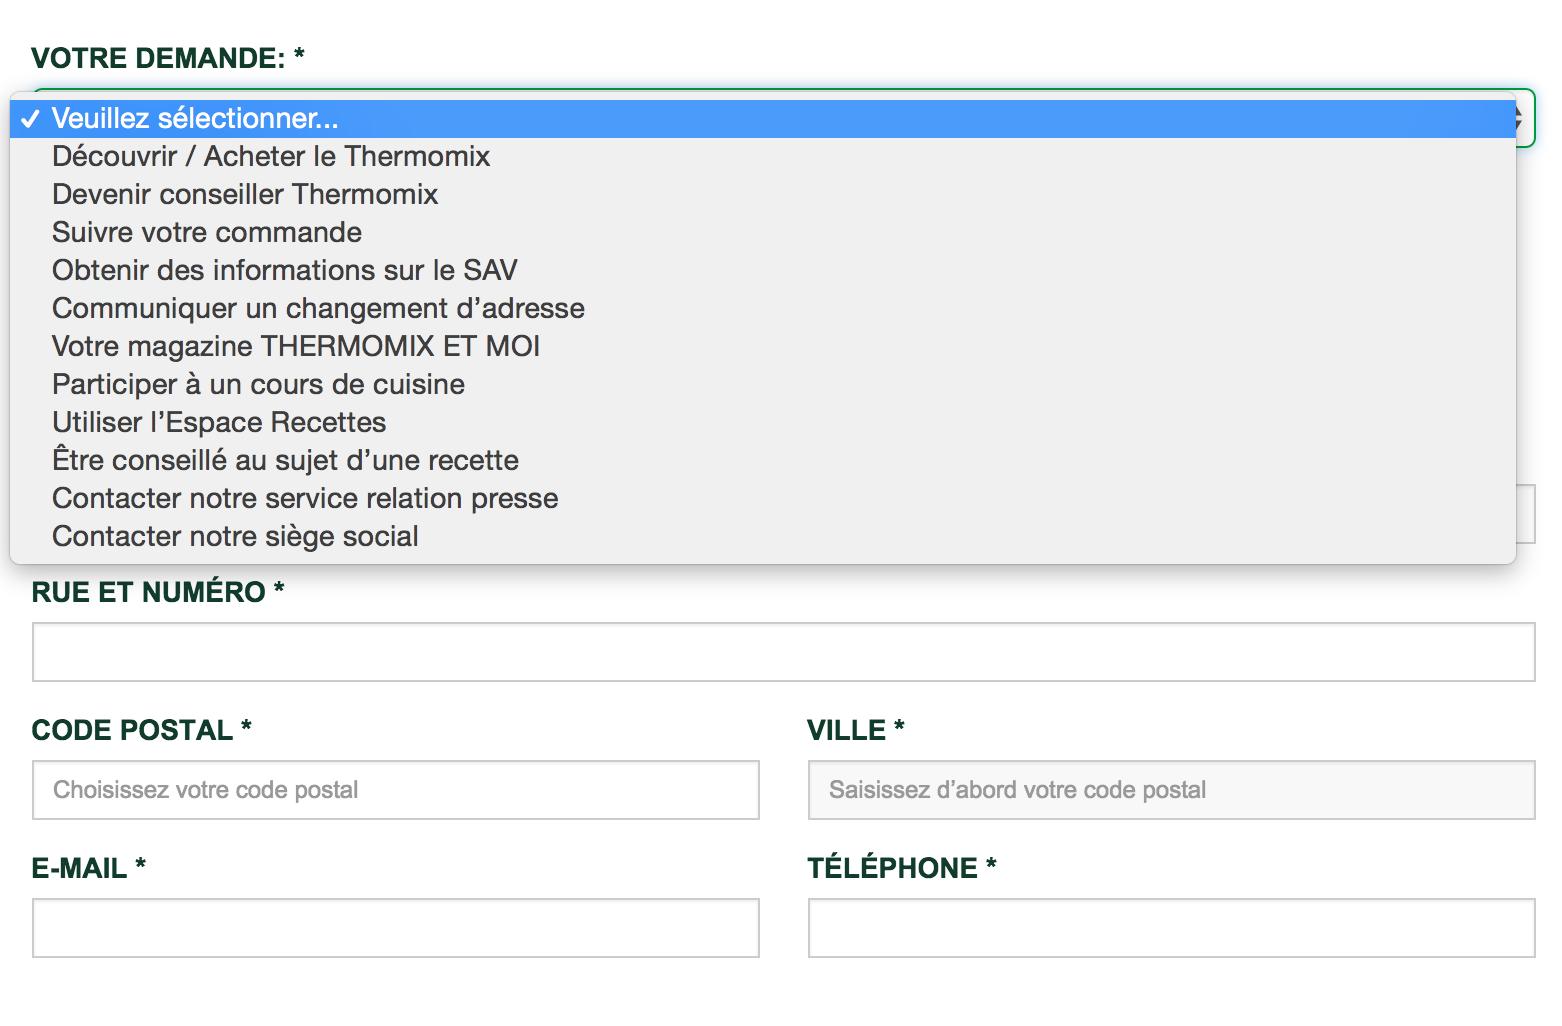 Cliquez sur l'image pour accéder au formulaire de contact Thermomix